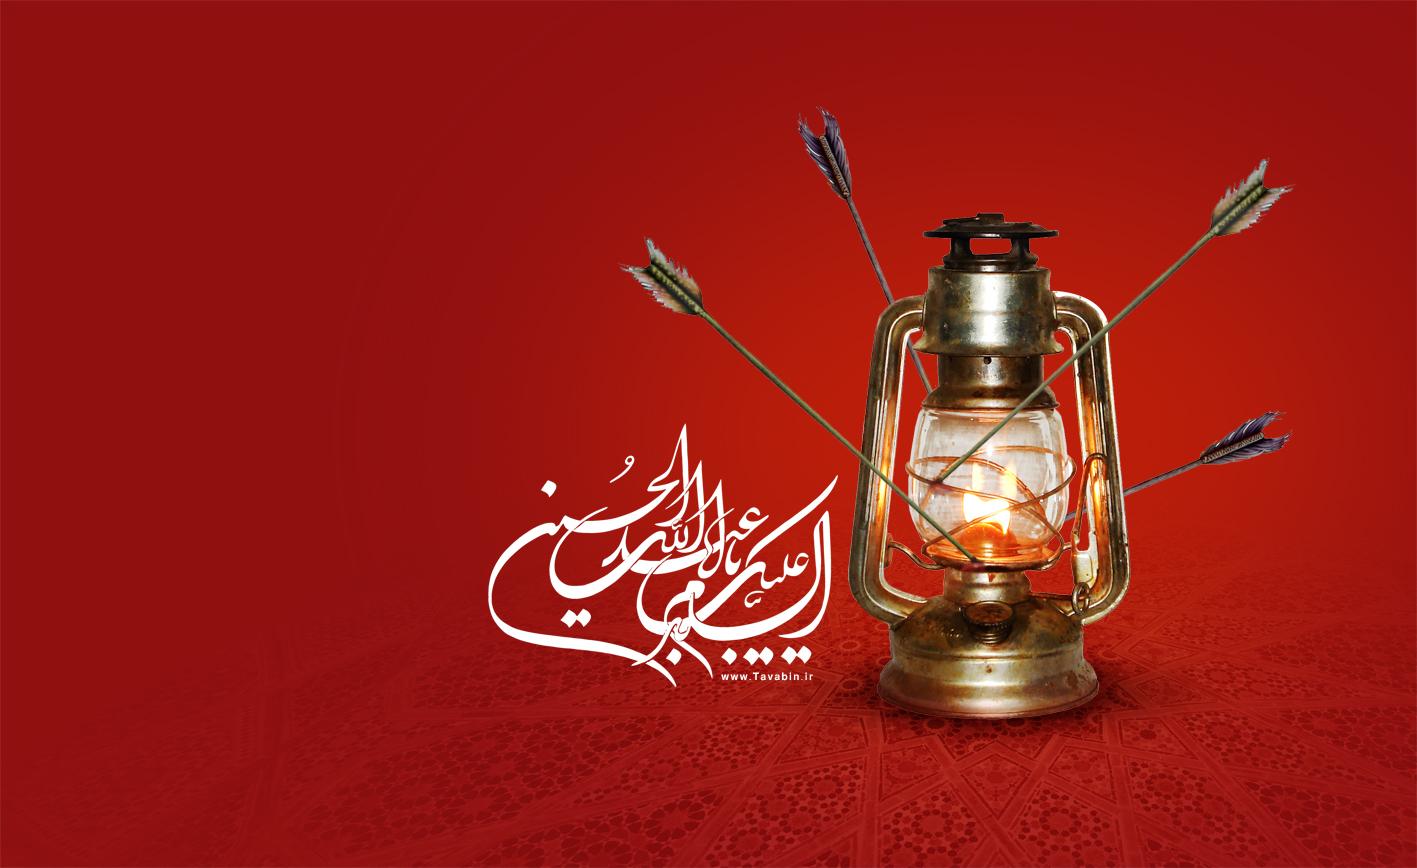 http://rozup.ir/up/mjbasaer/Post/1395/Moharram/Poster-Moharram%20(16).jpg